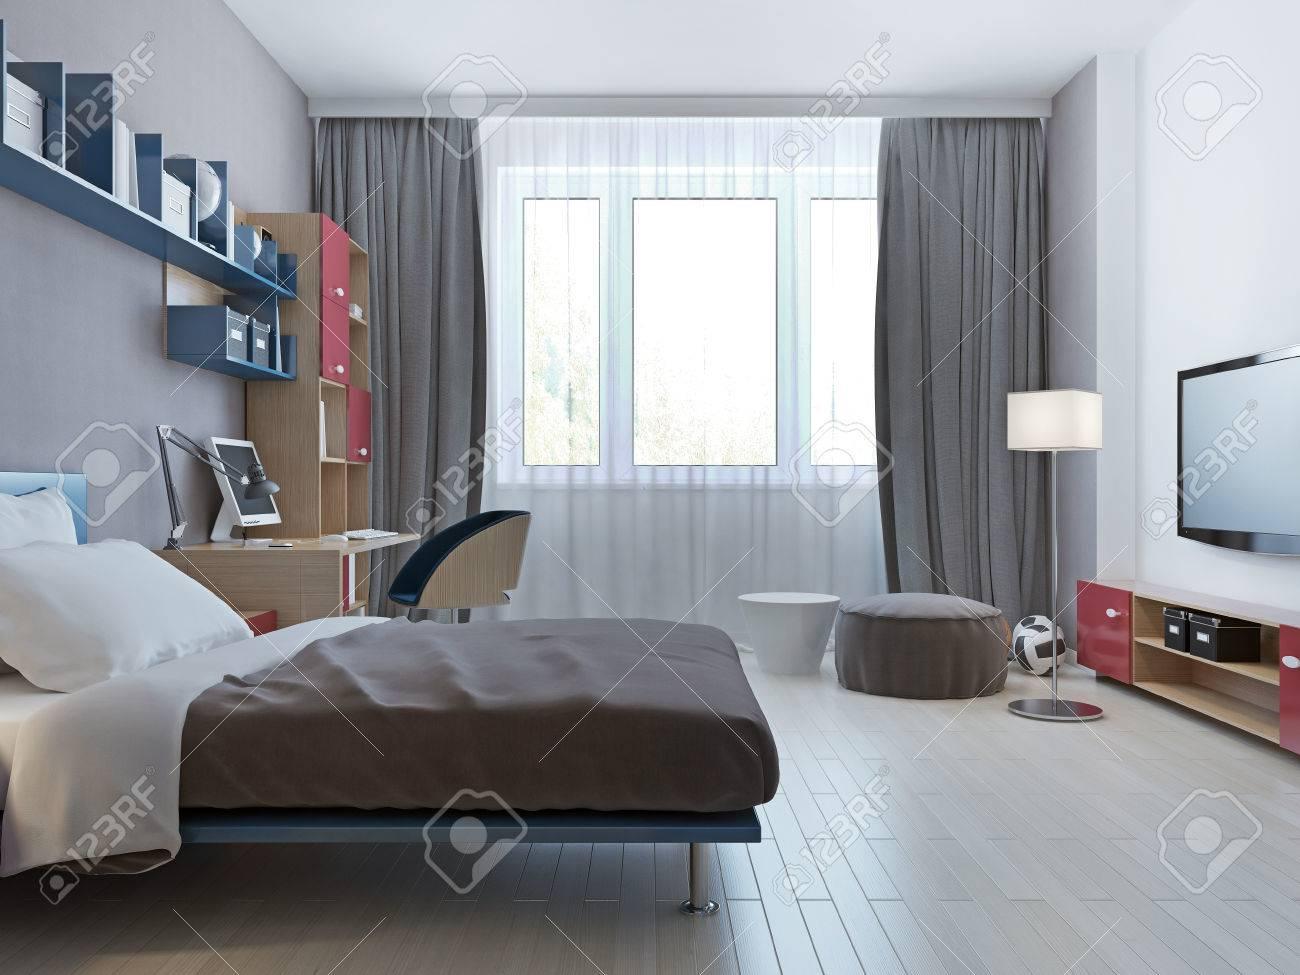 Einzelbett kinder  Helles Schlafzimmer Minimalistischen Stil Mit Einzelbett Für Kinder ...